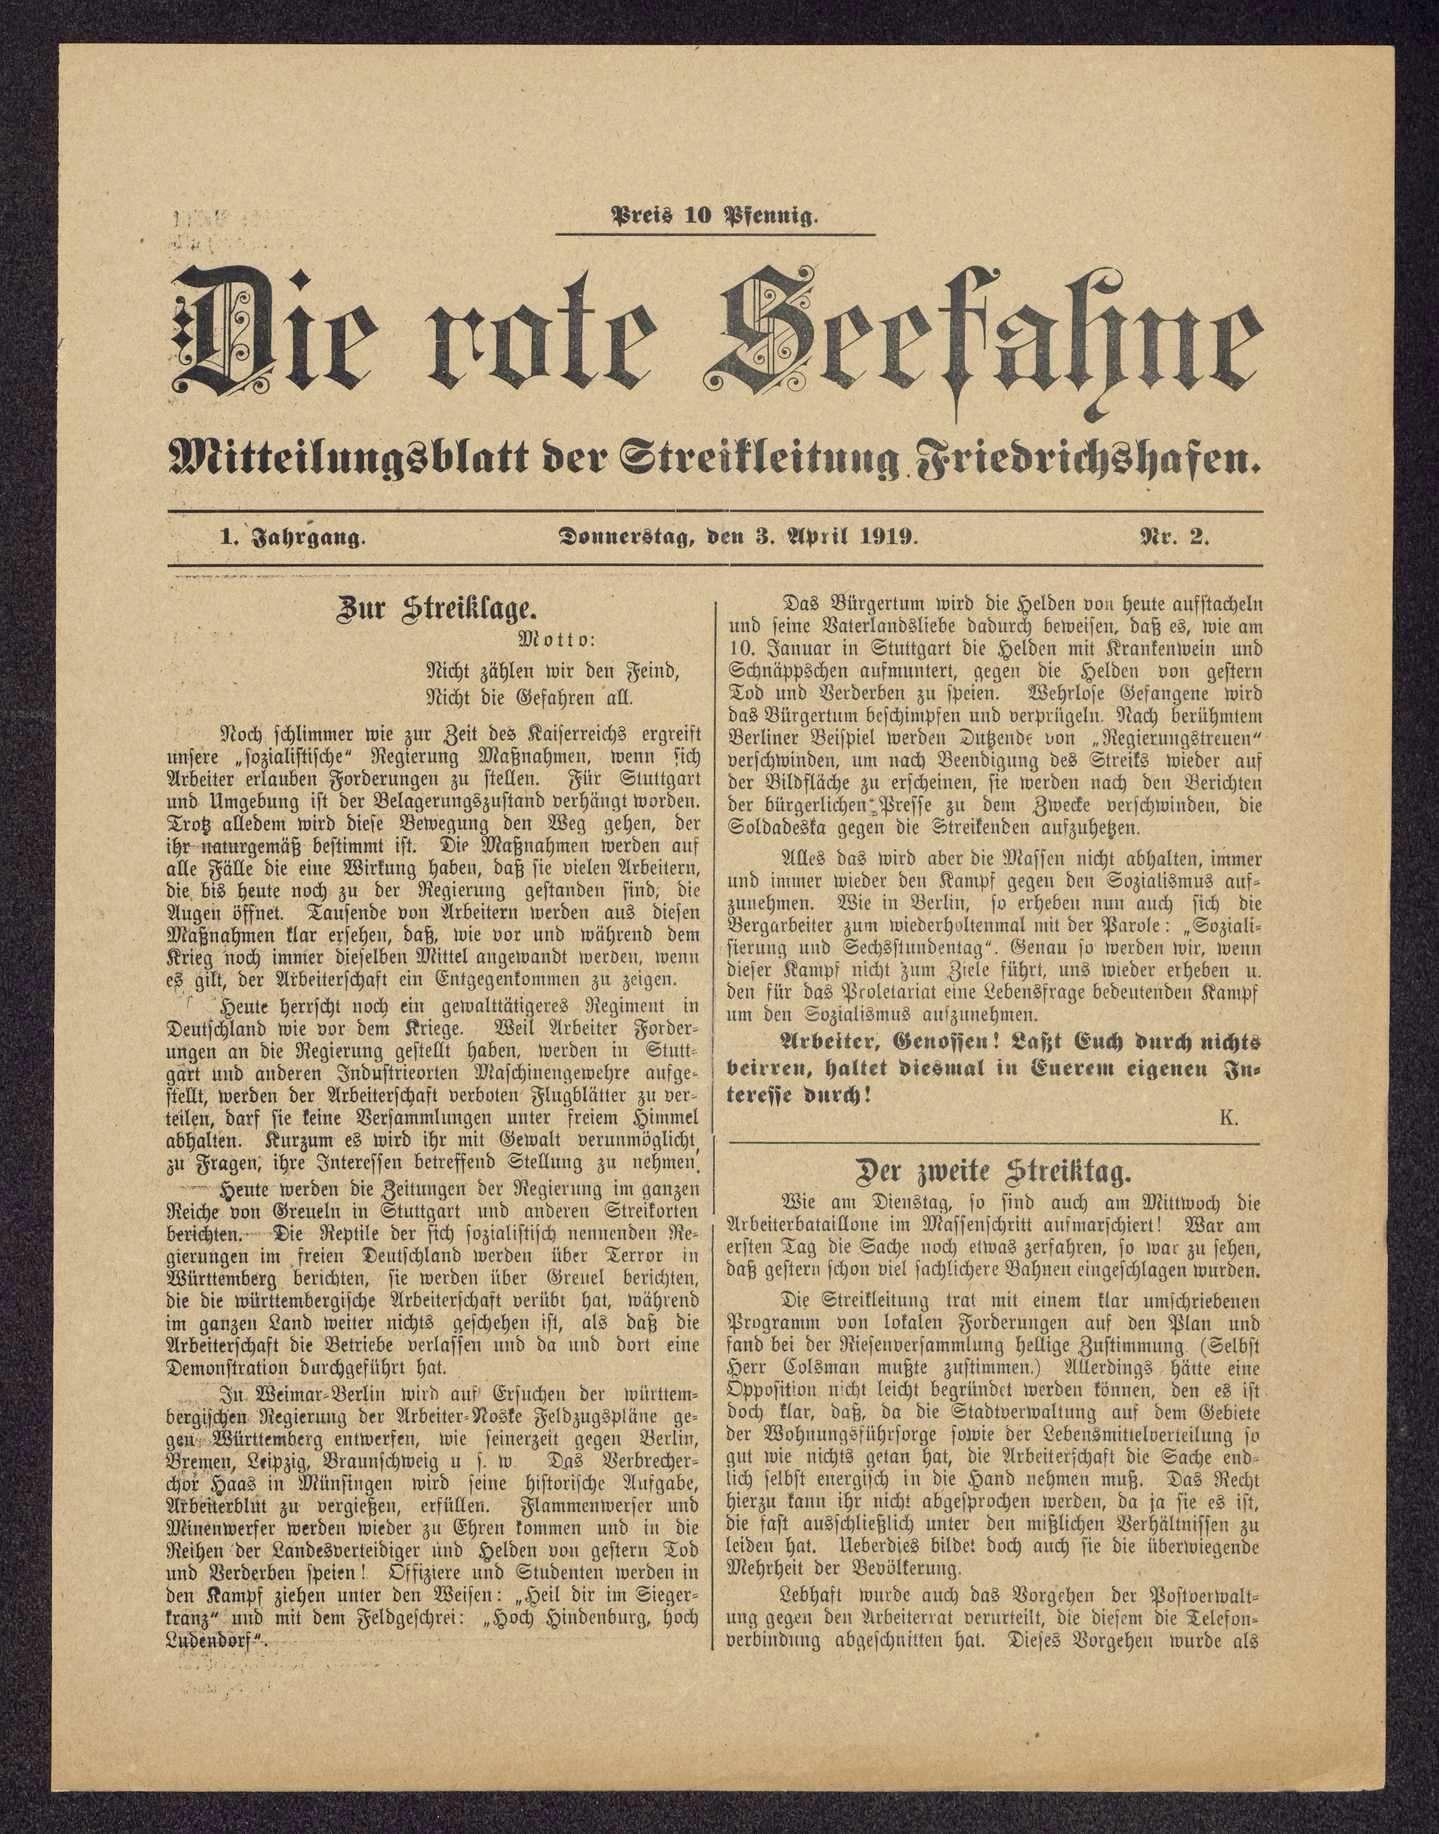 Die rote Seefahne. Mitteilungsblatt der Streikleitung Friedrichshafen, Bild 3